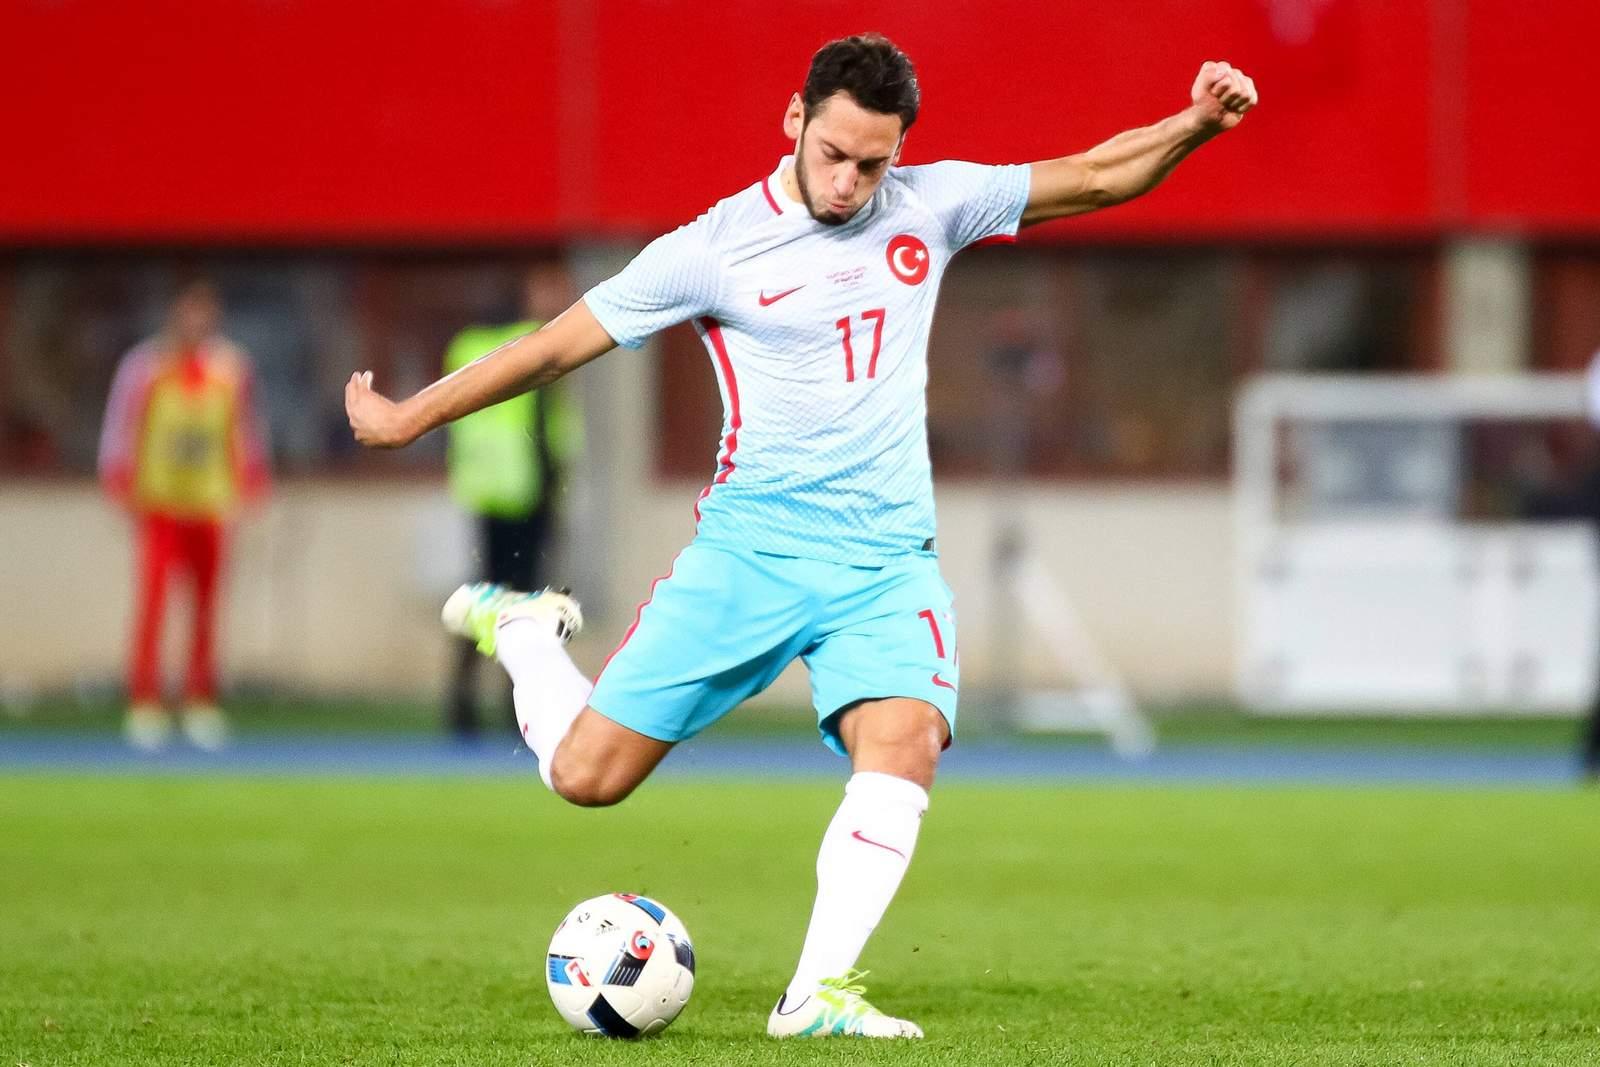 Hakan Calhanoglu am Ball für die türkische Nationalmannschaft. Jetzt auf die Partie Türkei gegen Albanien wetten